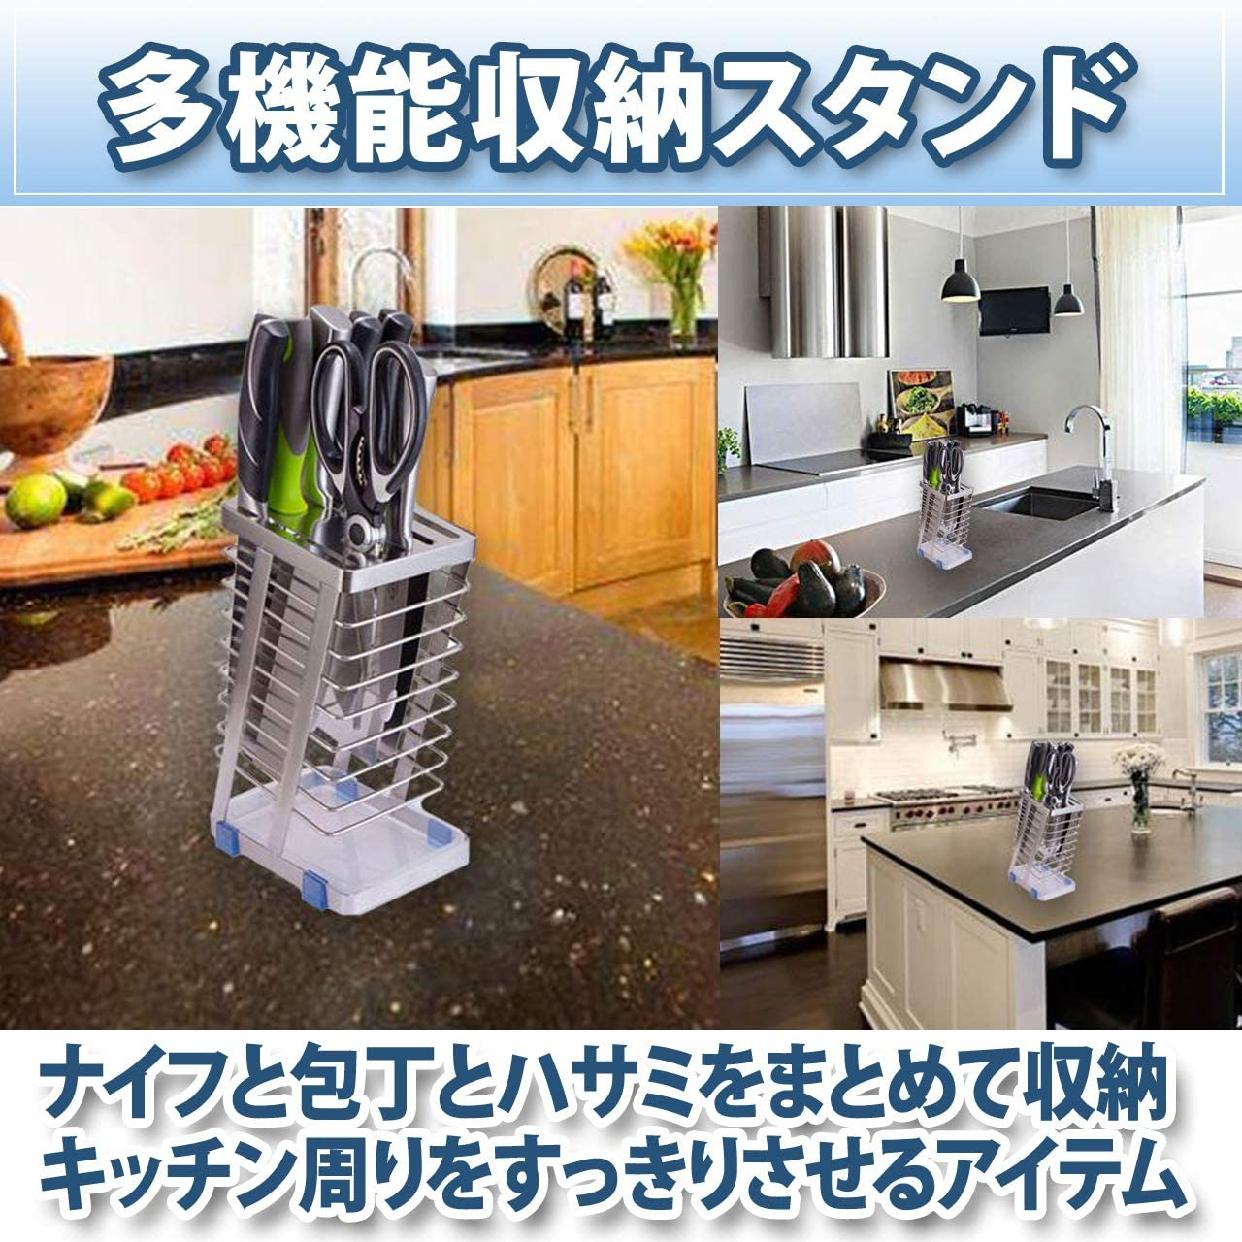 HAMILO キッチンナイフホルダー シルバーの商品画像3